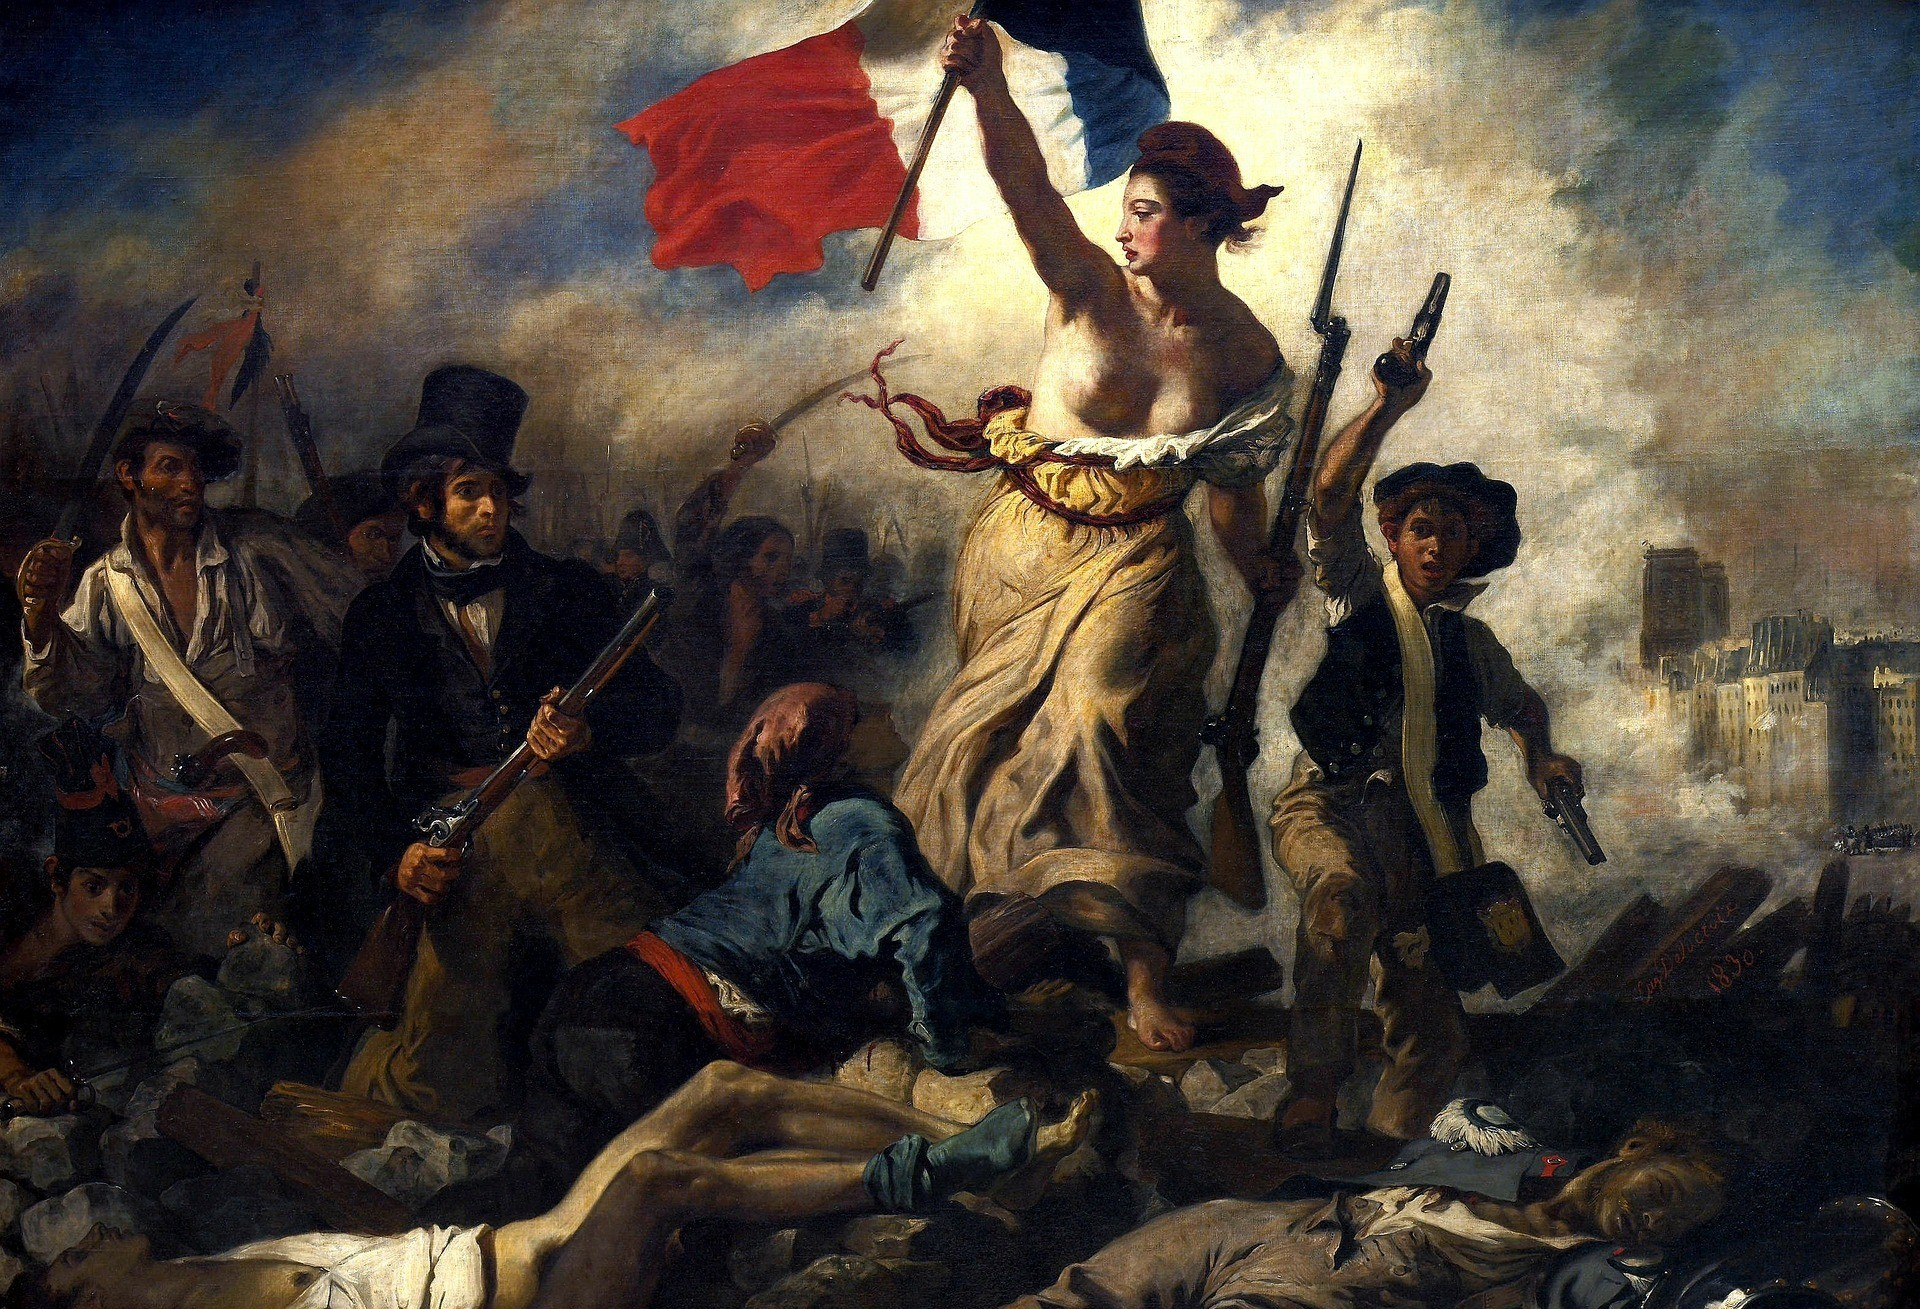 Viva a Revolução!